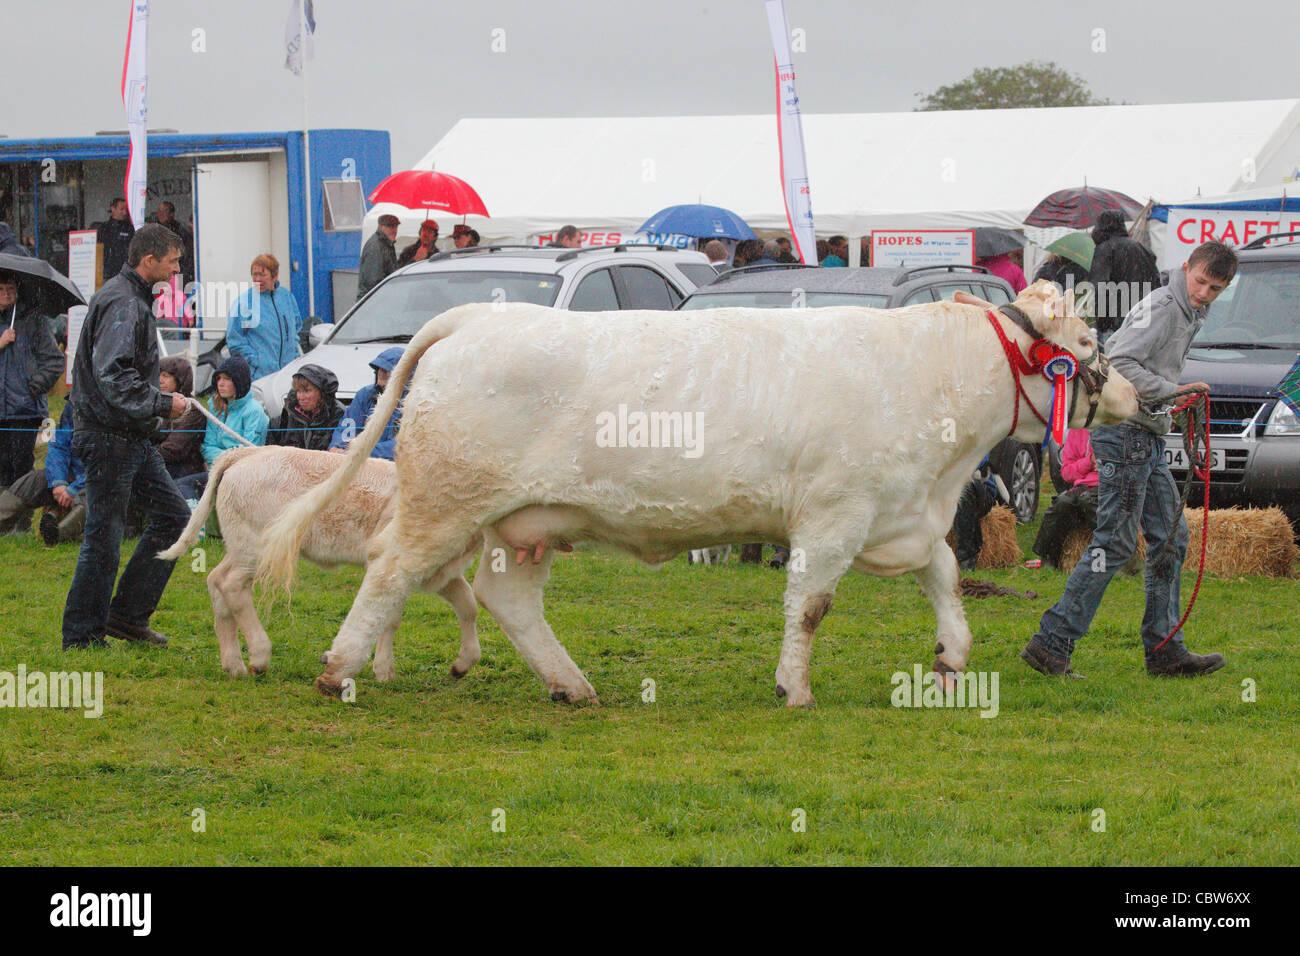 Charolais Show Cow